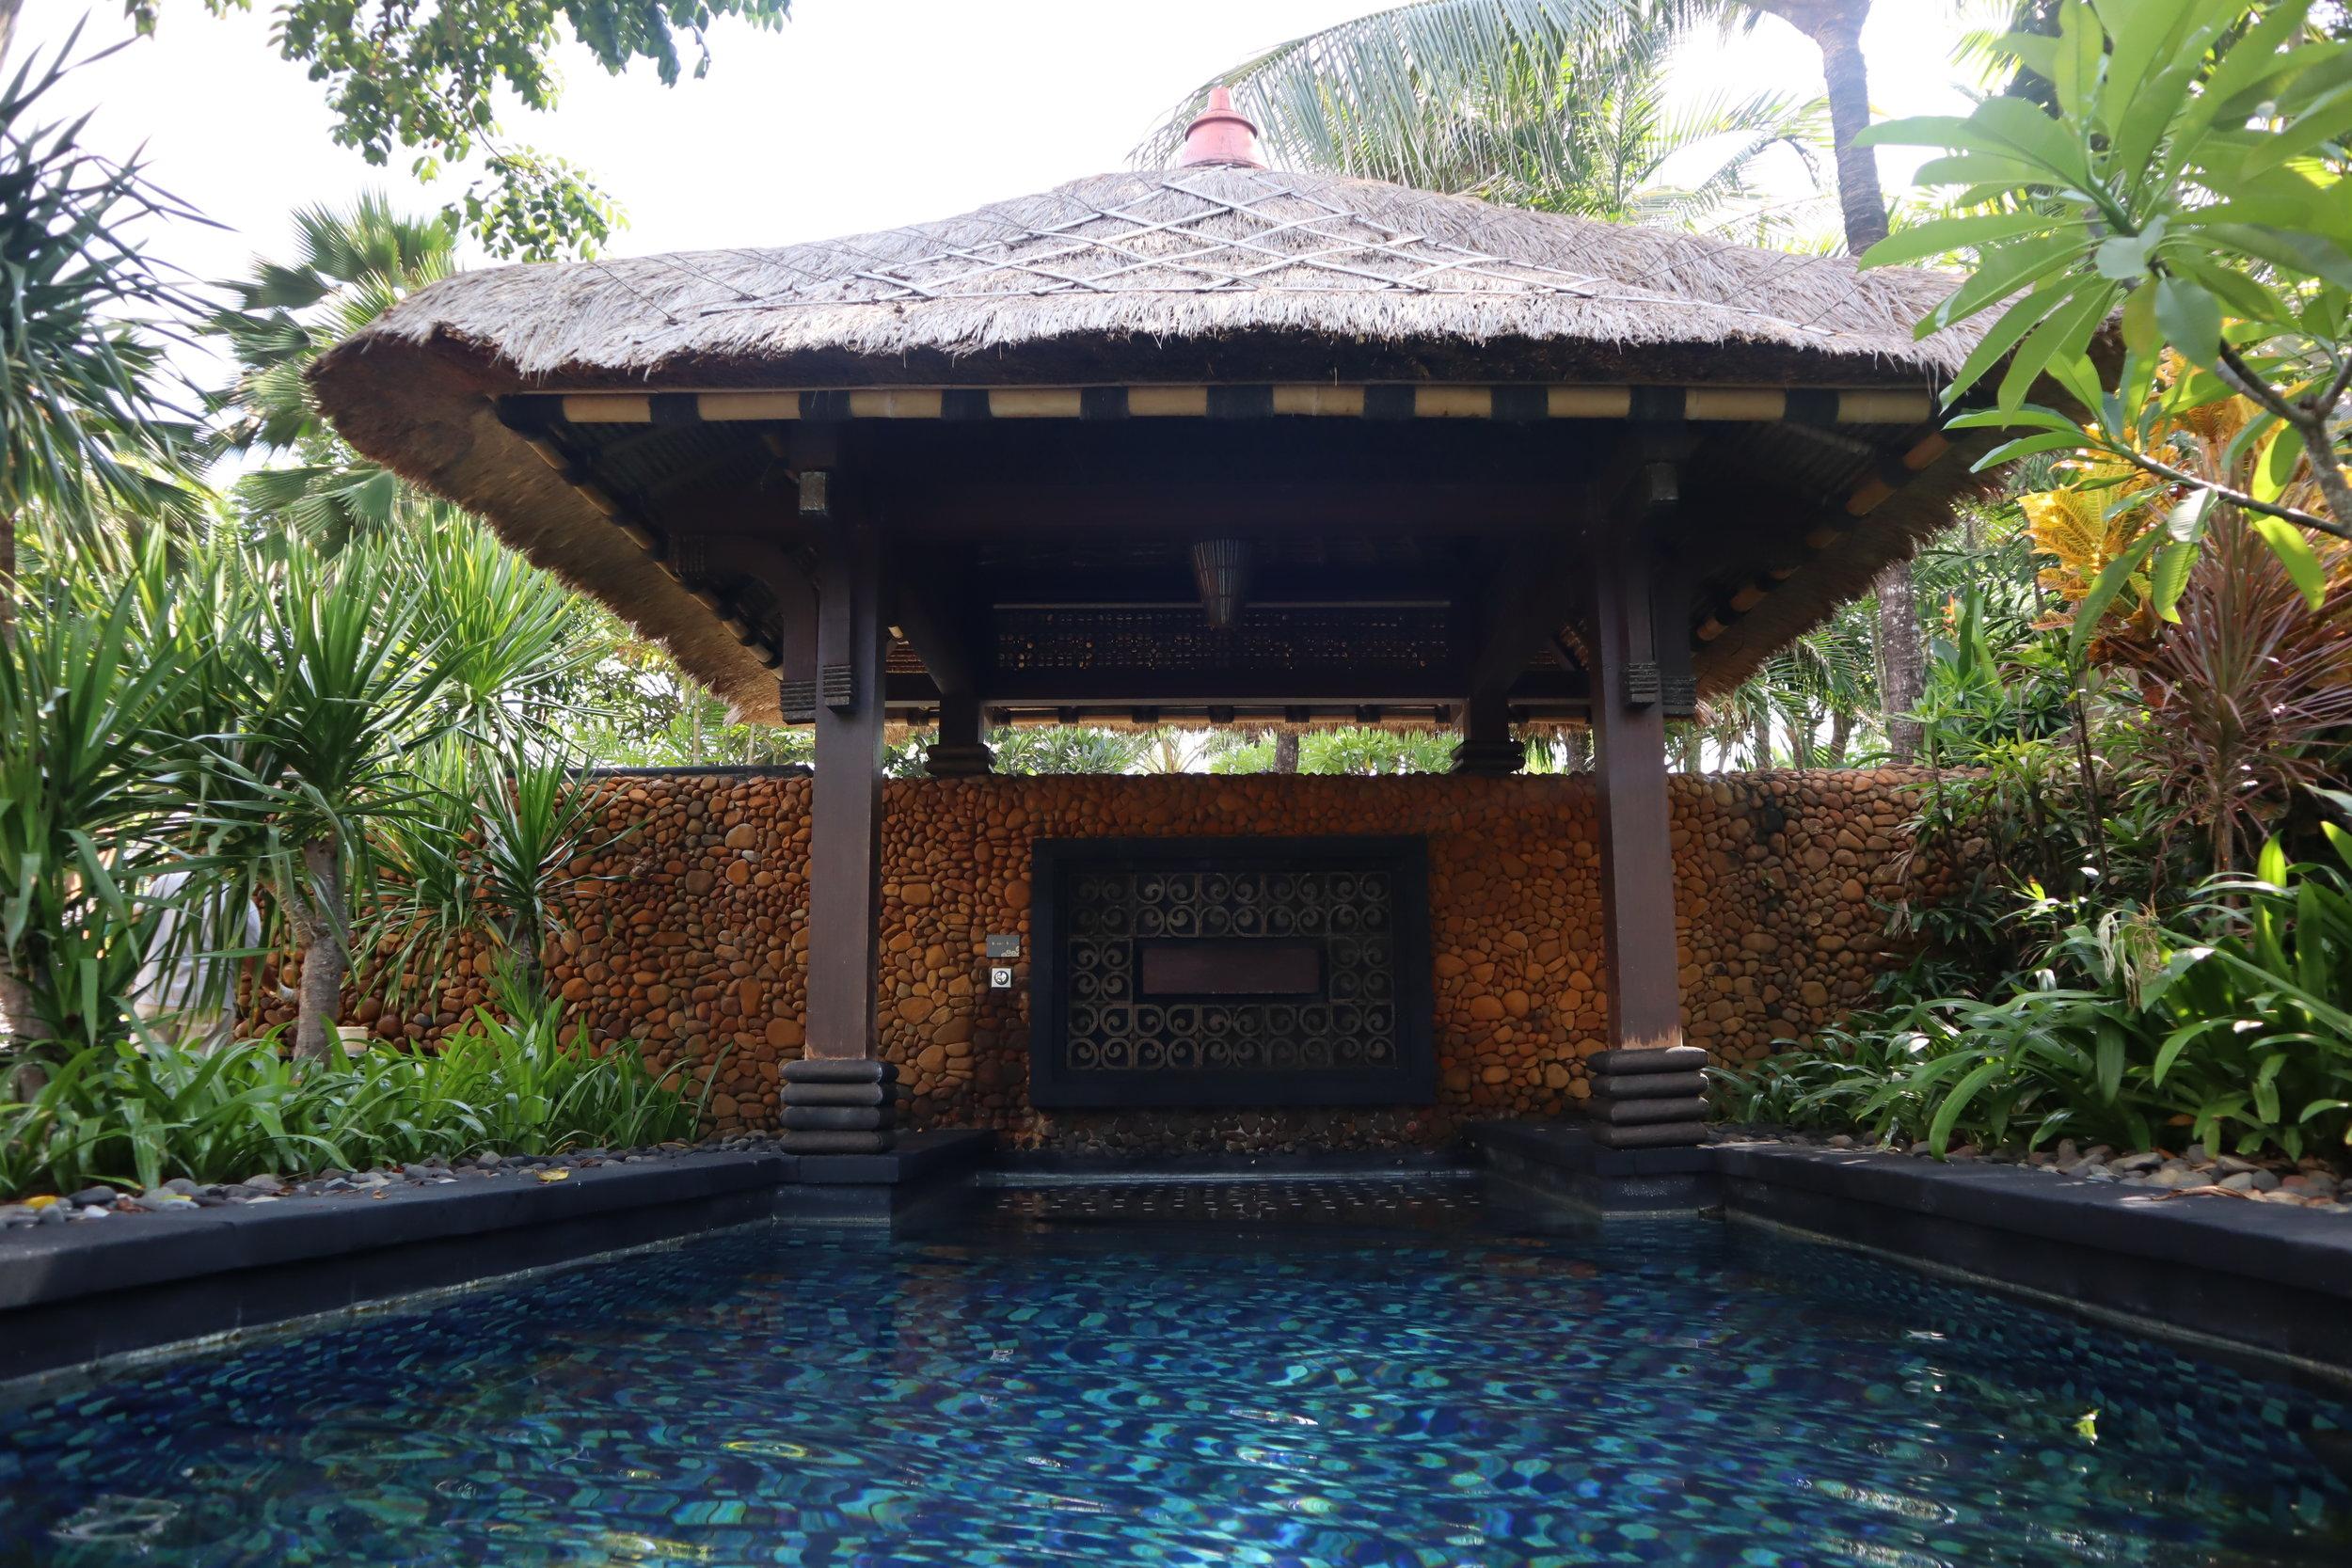 St. Regis Bali – Saltwater lagoon jets